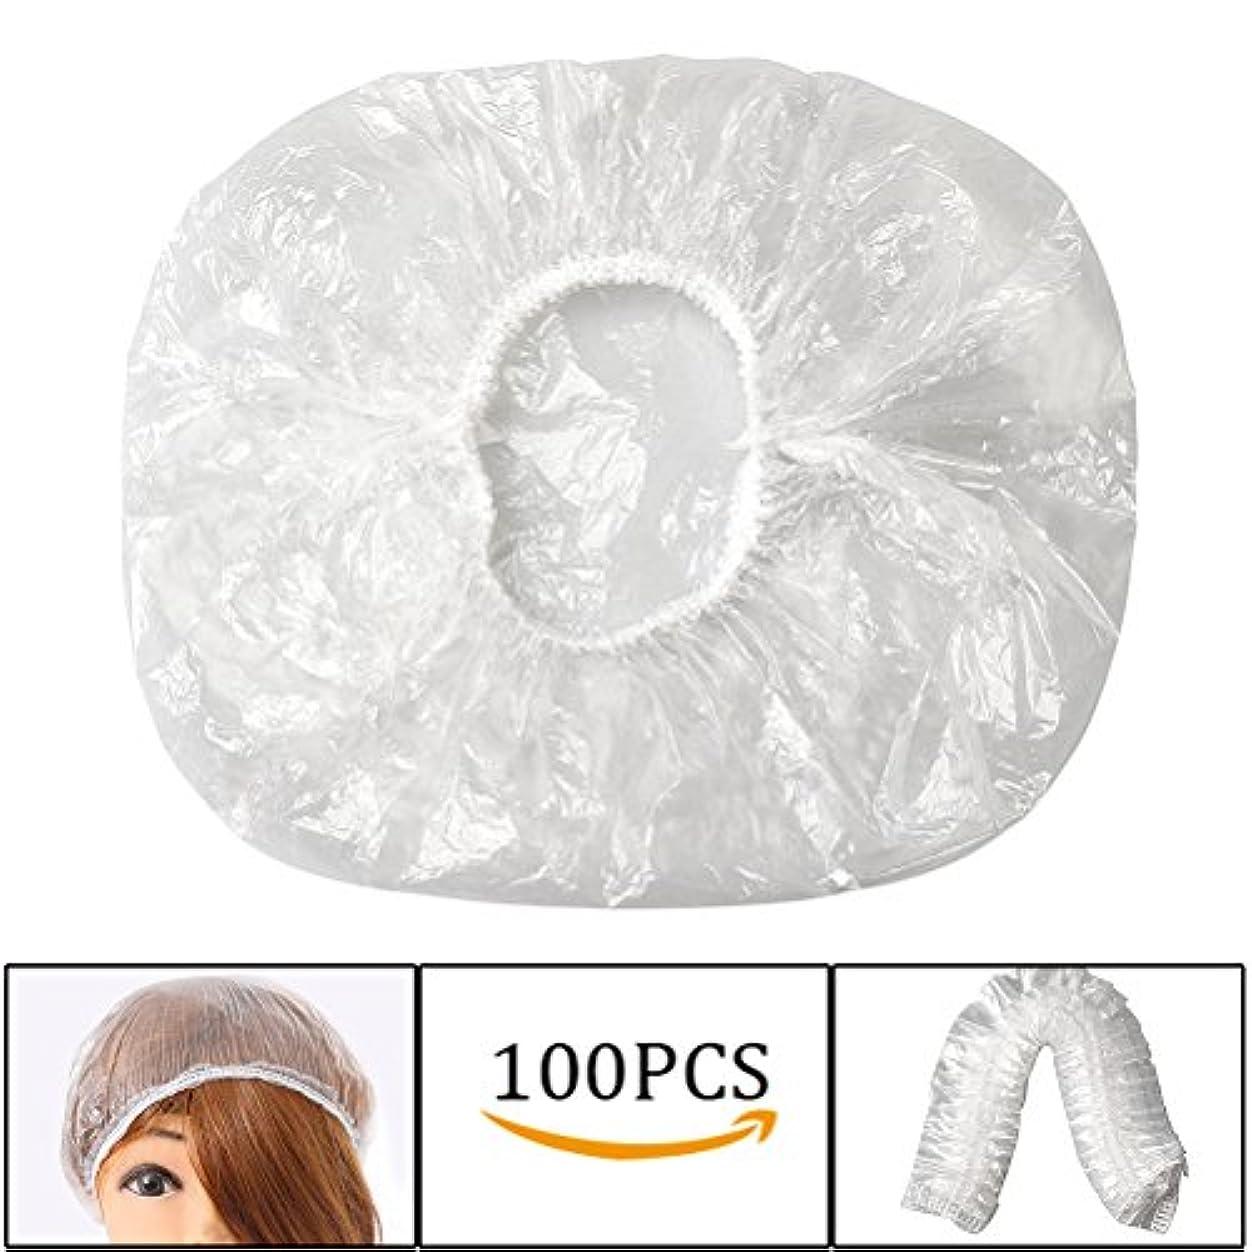 活気づく置き場ズームインするshiyi 100個 使い捨てのシャワーキャップ, 髪染め用 防水透明 プラスチック製のヘアキャップ